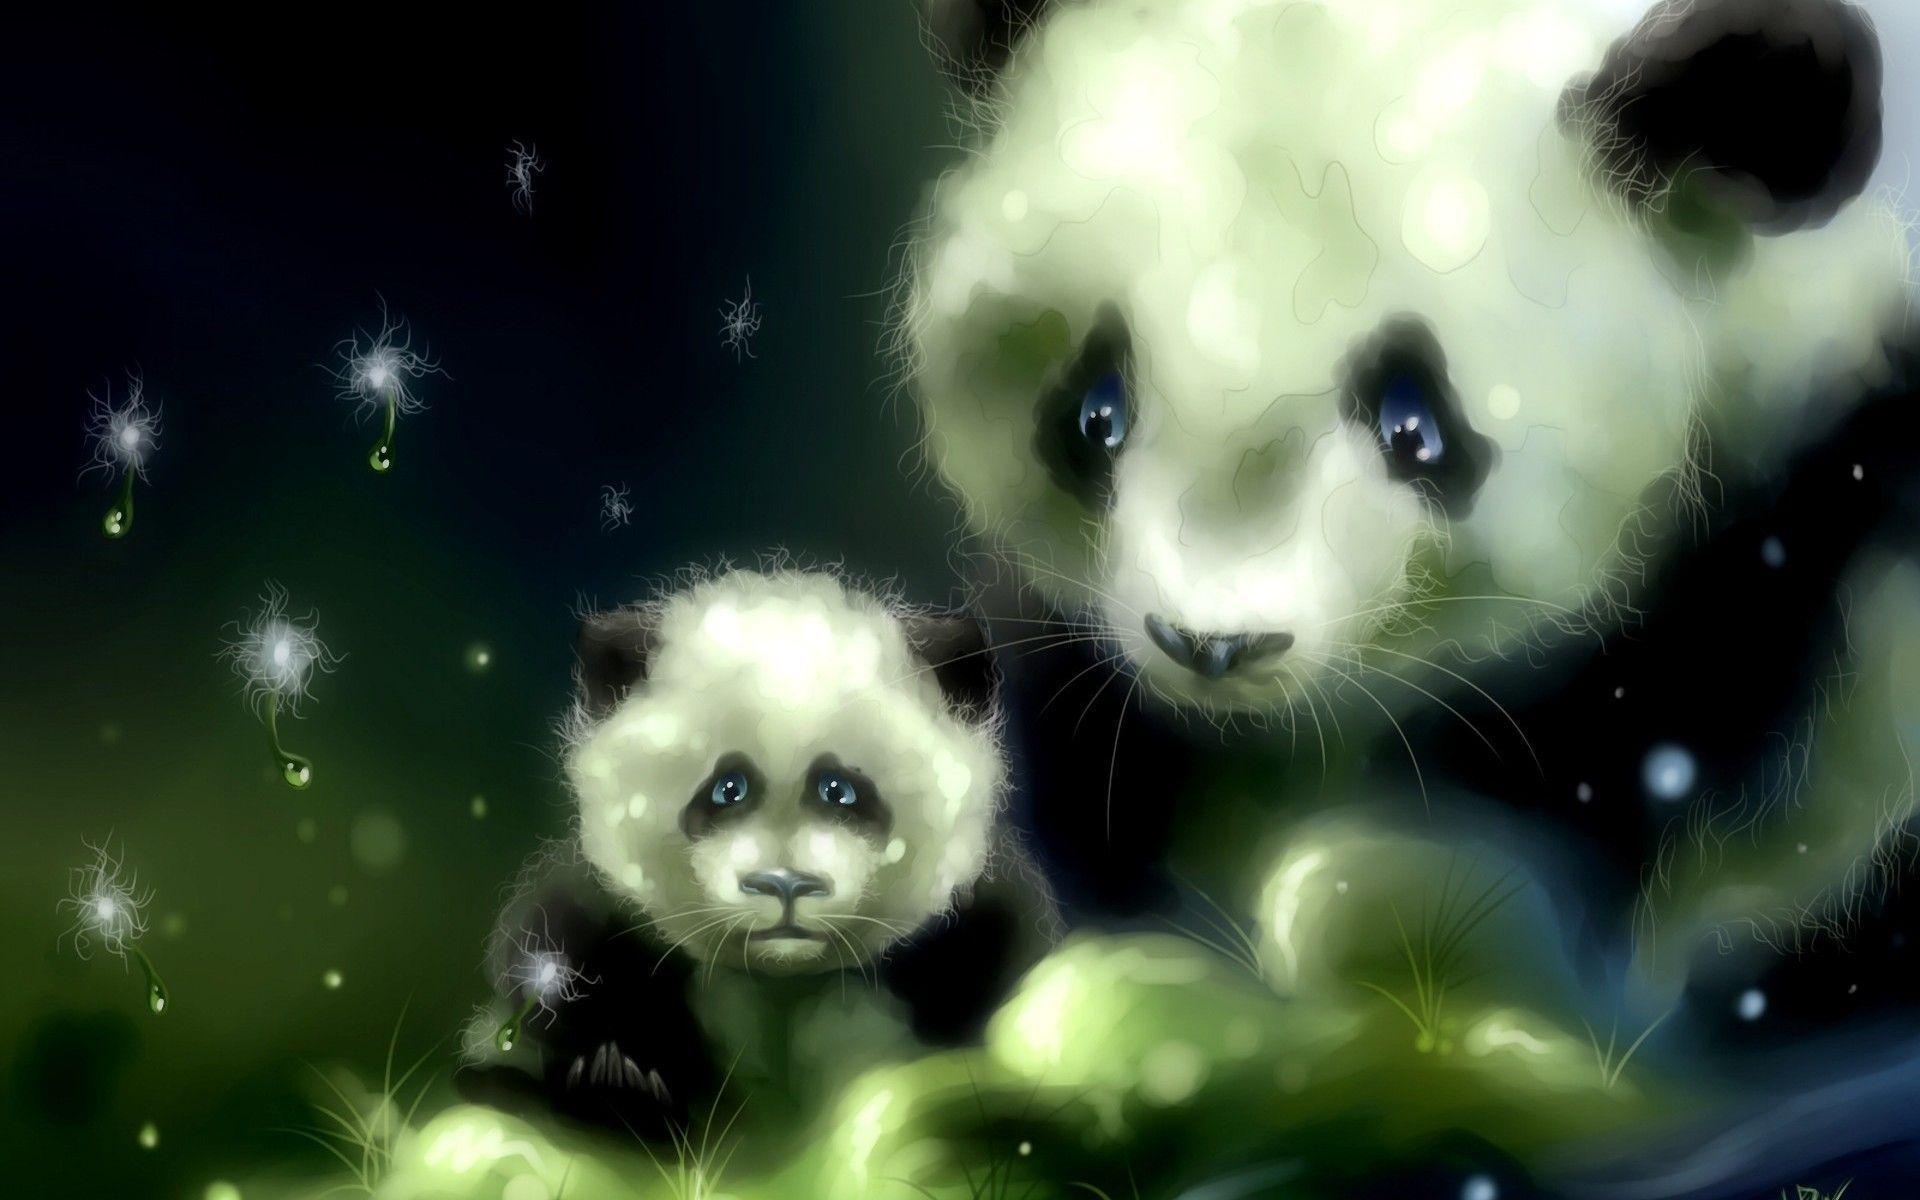 cute panda painting wallpaper - photo #24